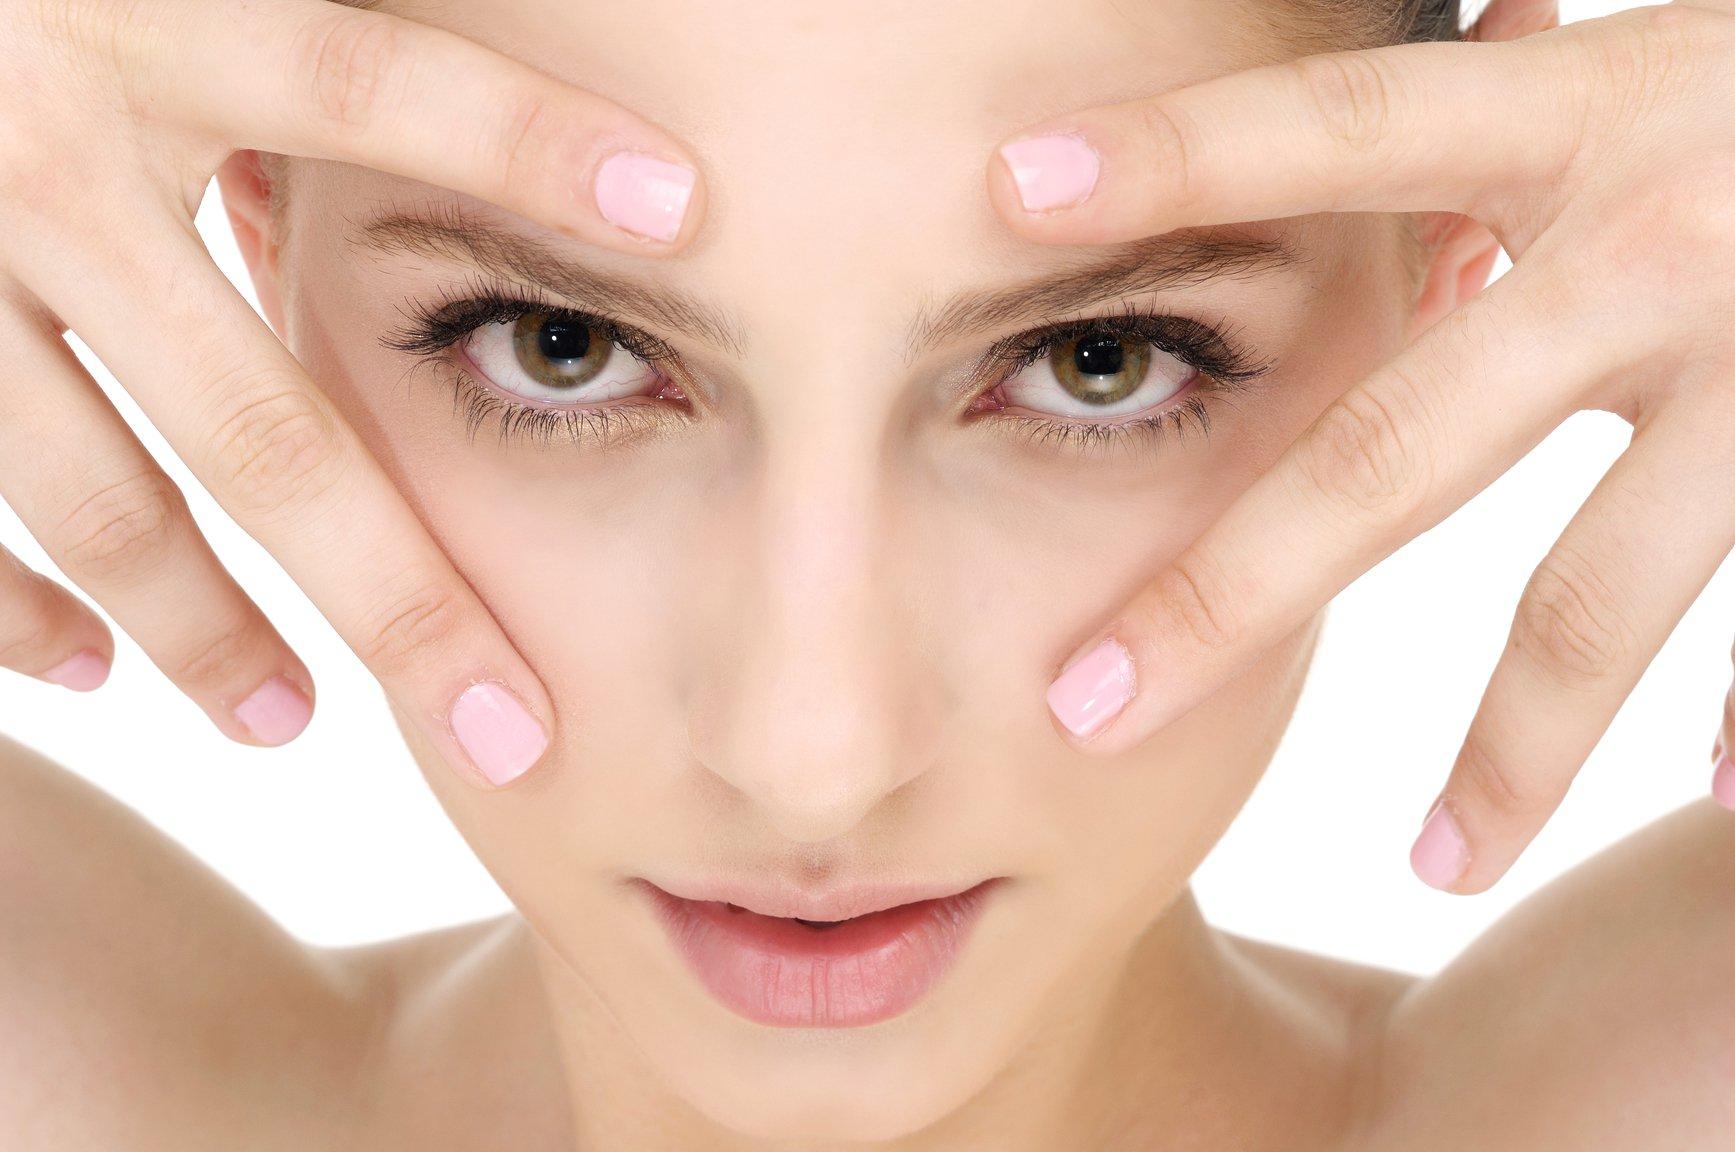 Эффективно убрать морщины вокруг глаз домашних условиях